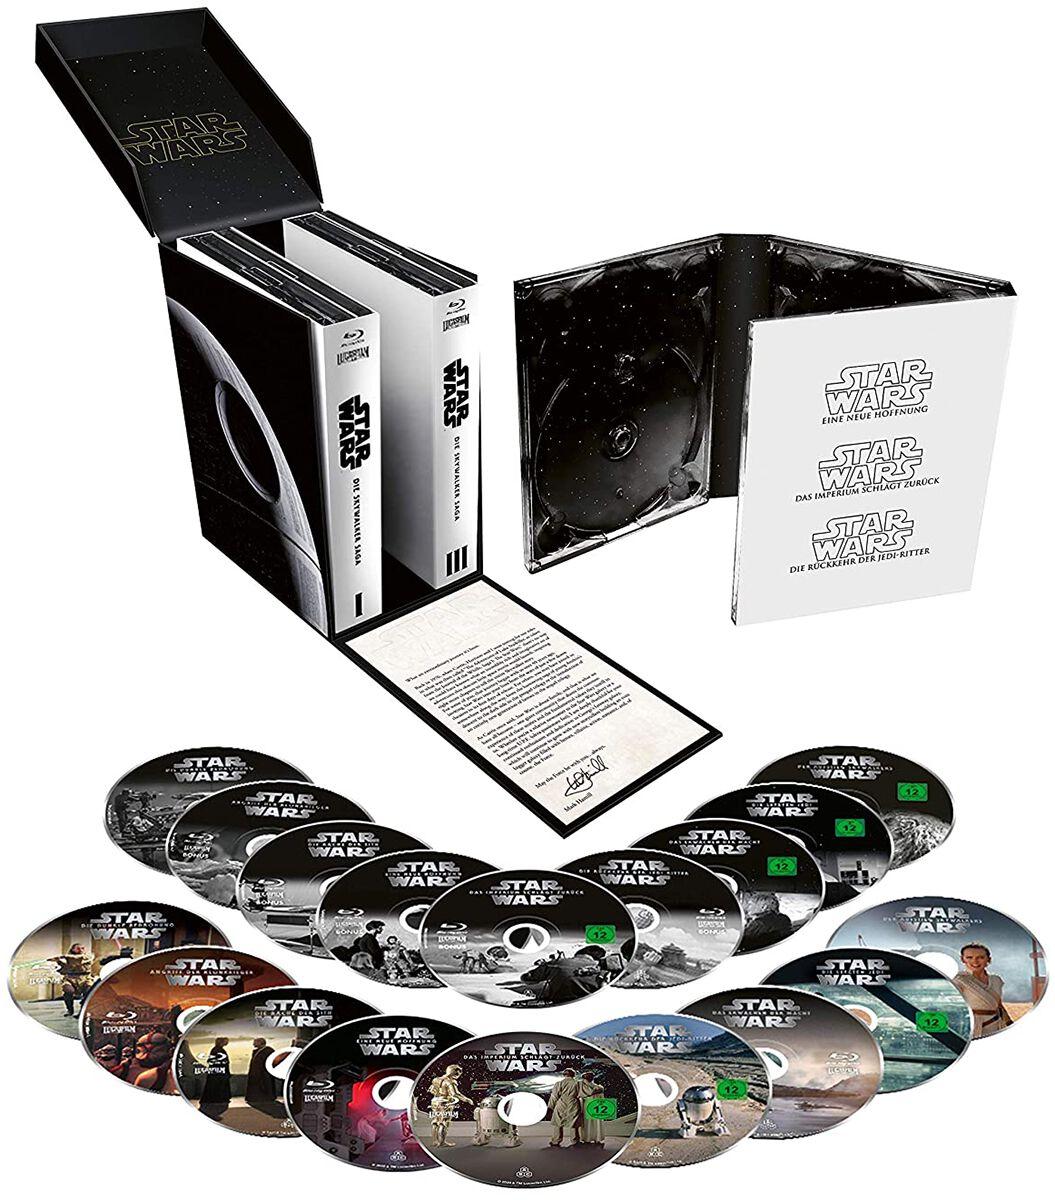 Image of Star Wars Star Wars 1-9 - Die Skywalker Saga 18-Blu-ray Standard